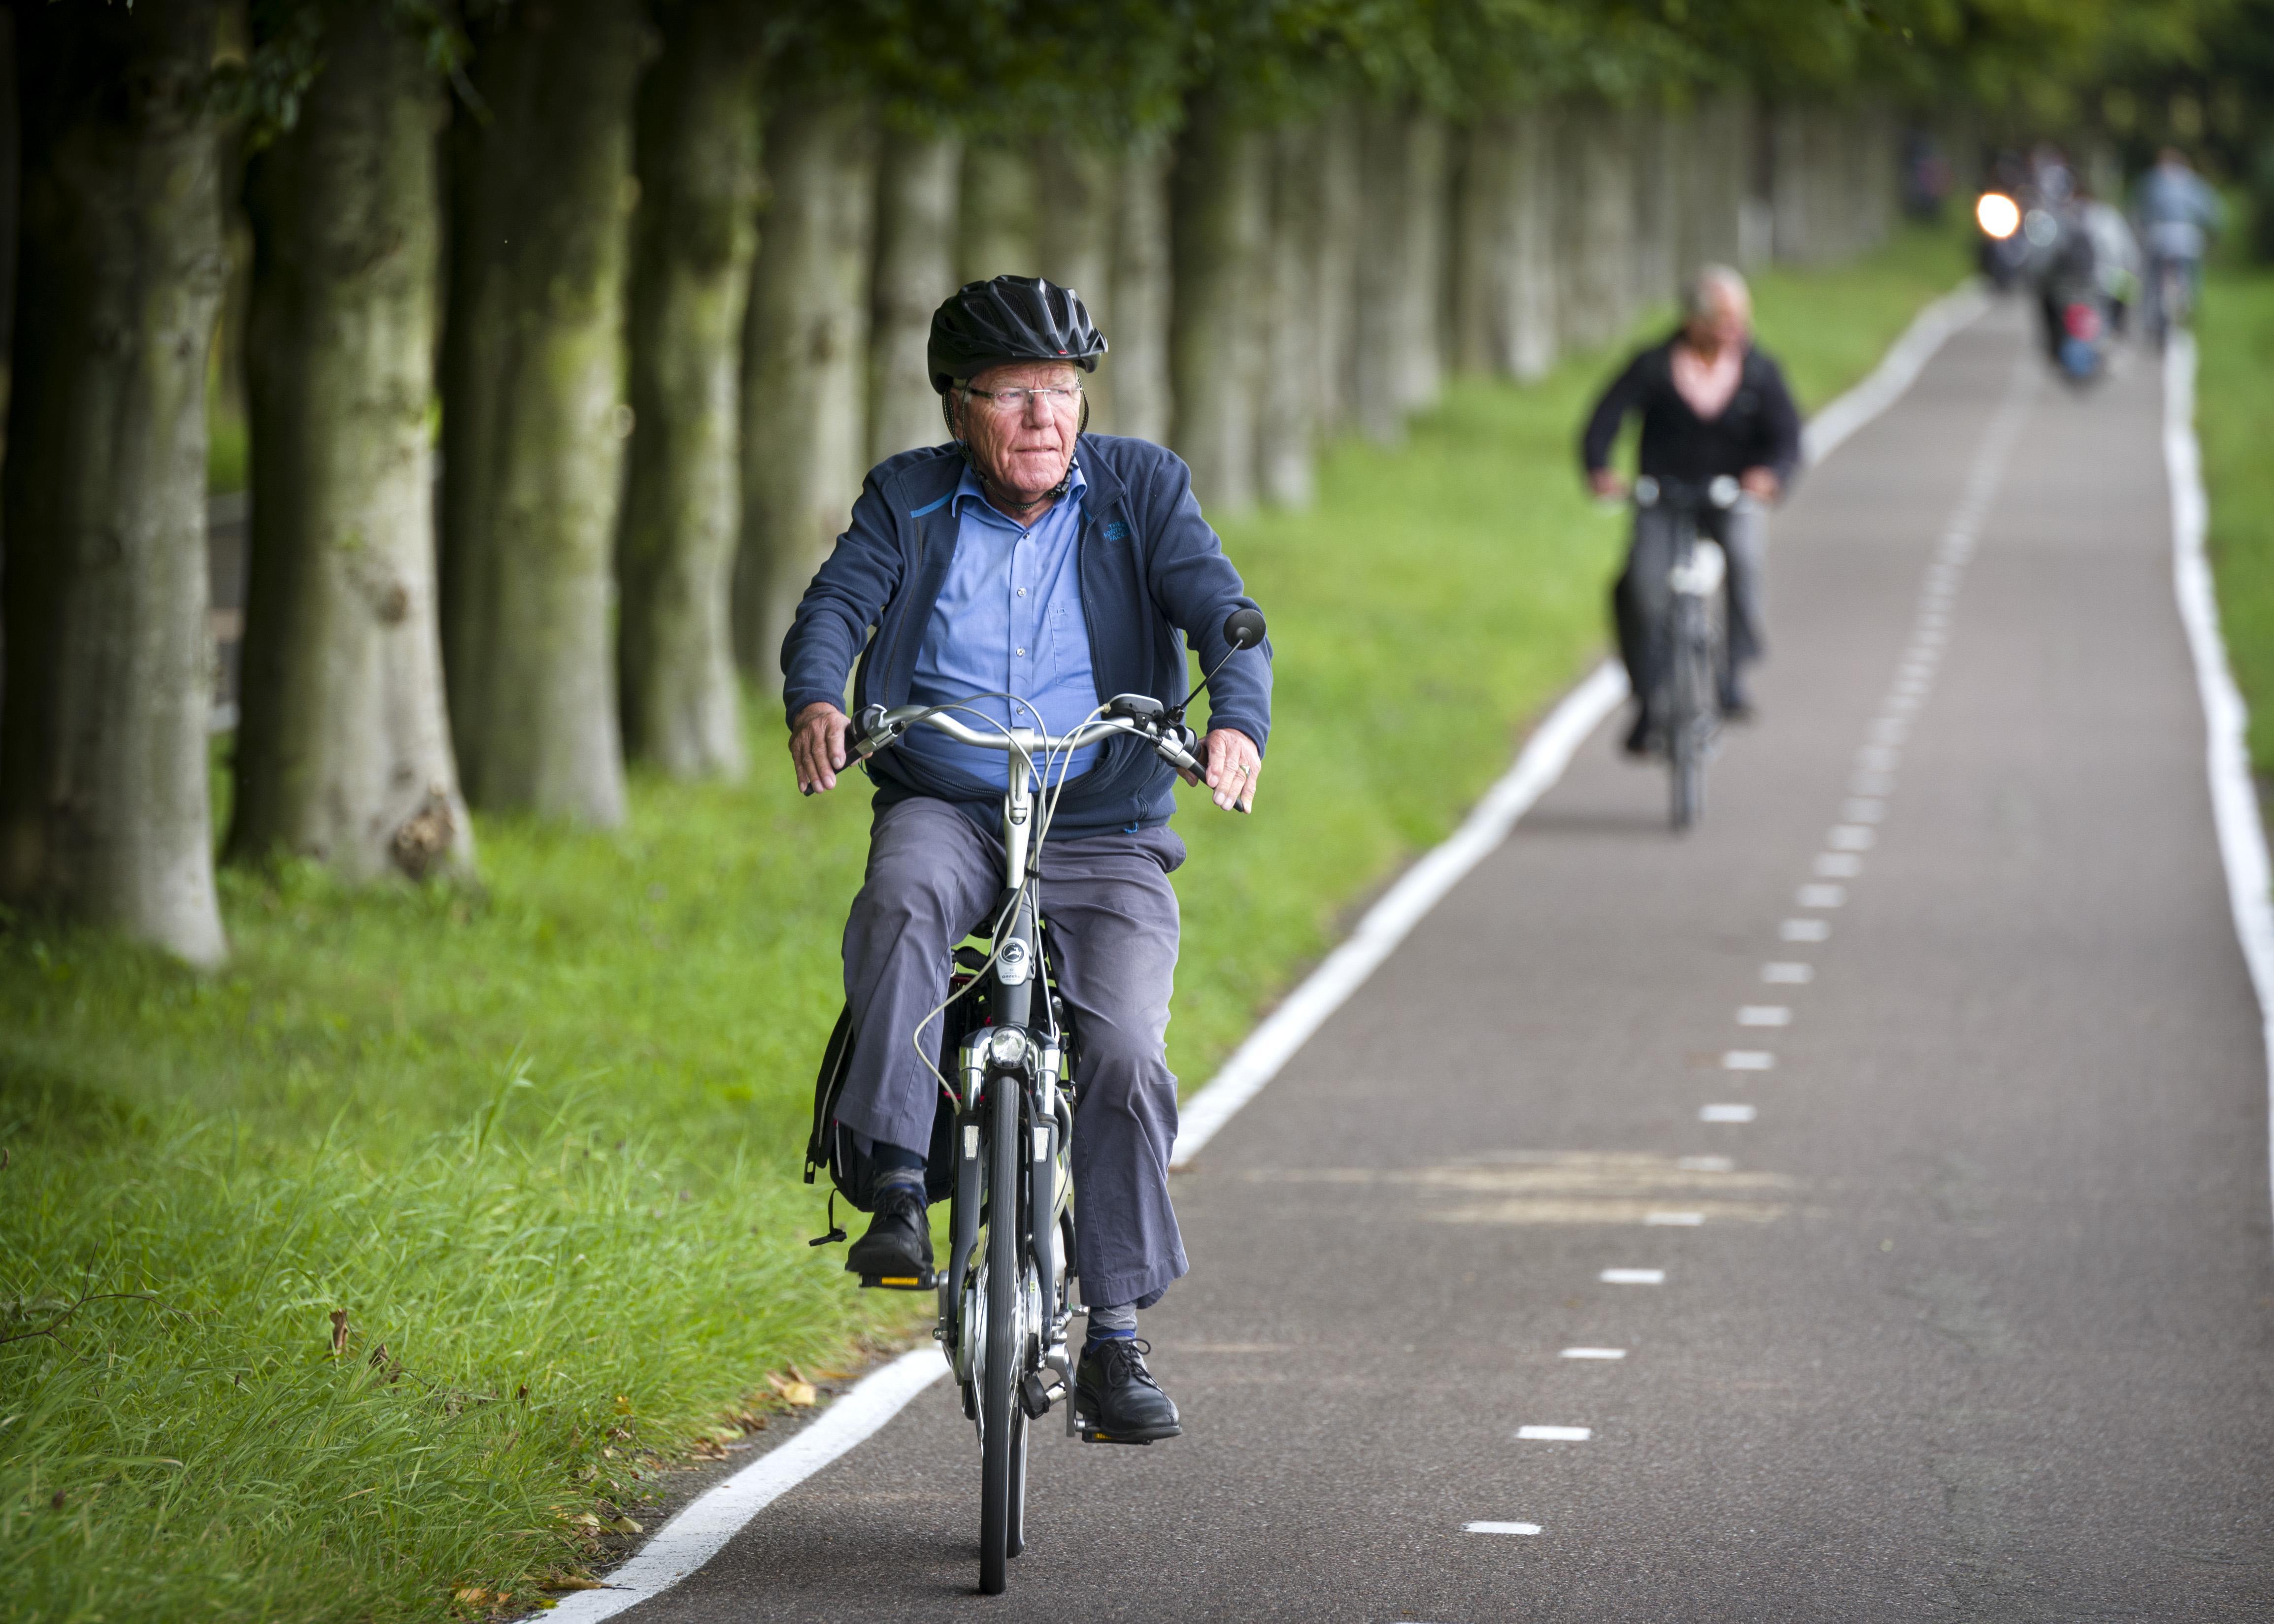 Cursus e-bike hard nodig om aantal slachtoffers onder oudere fietsers te laten dalen